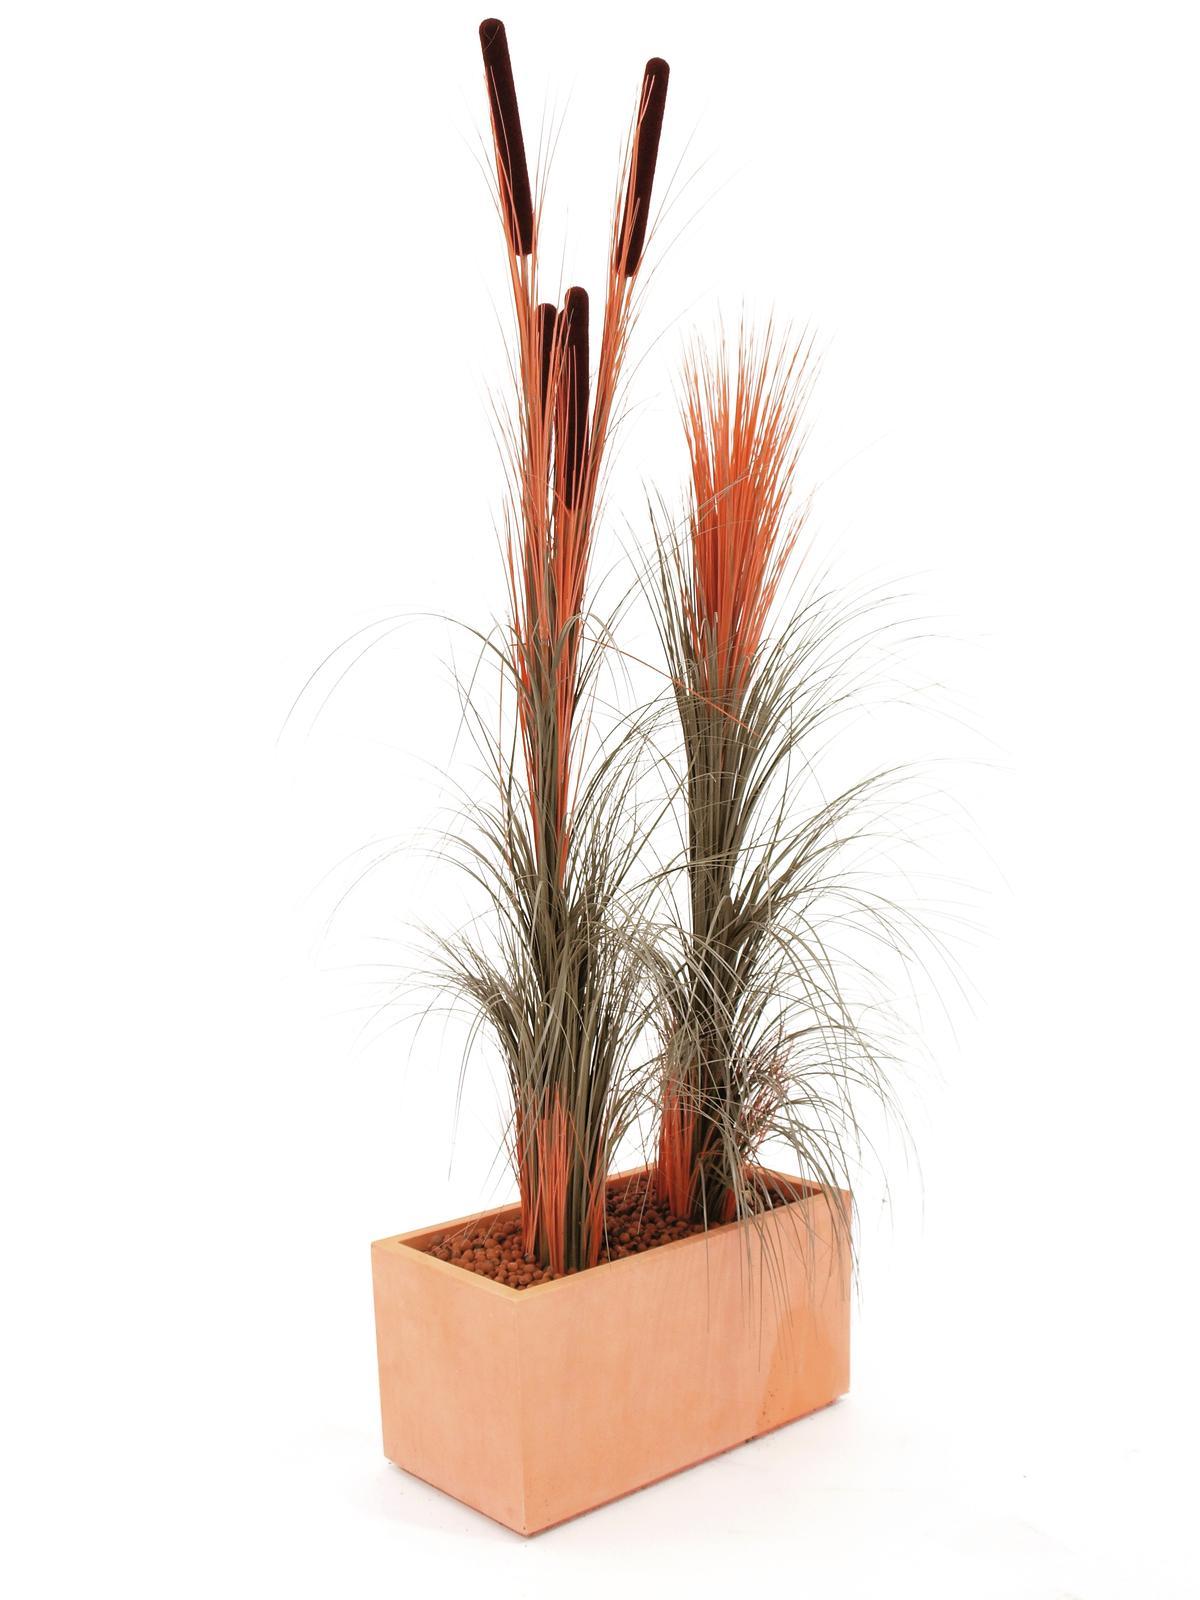 EUROPALMS Canna di erba w/ tife, di colore marrone chiaro,152 cm